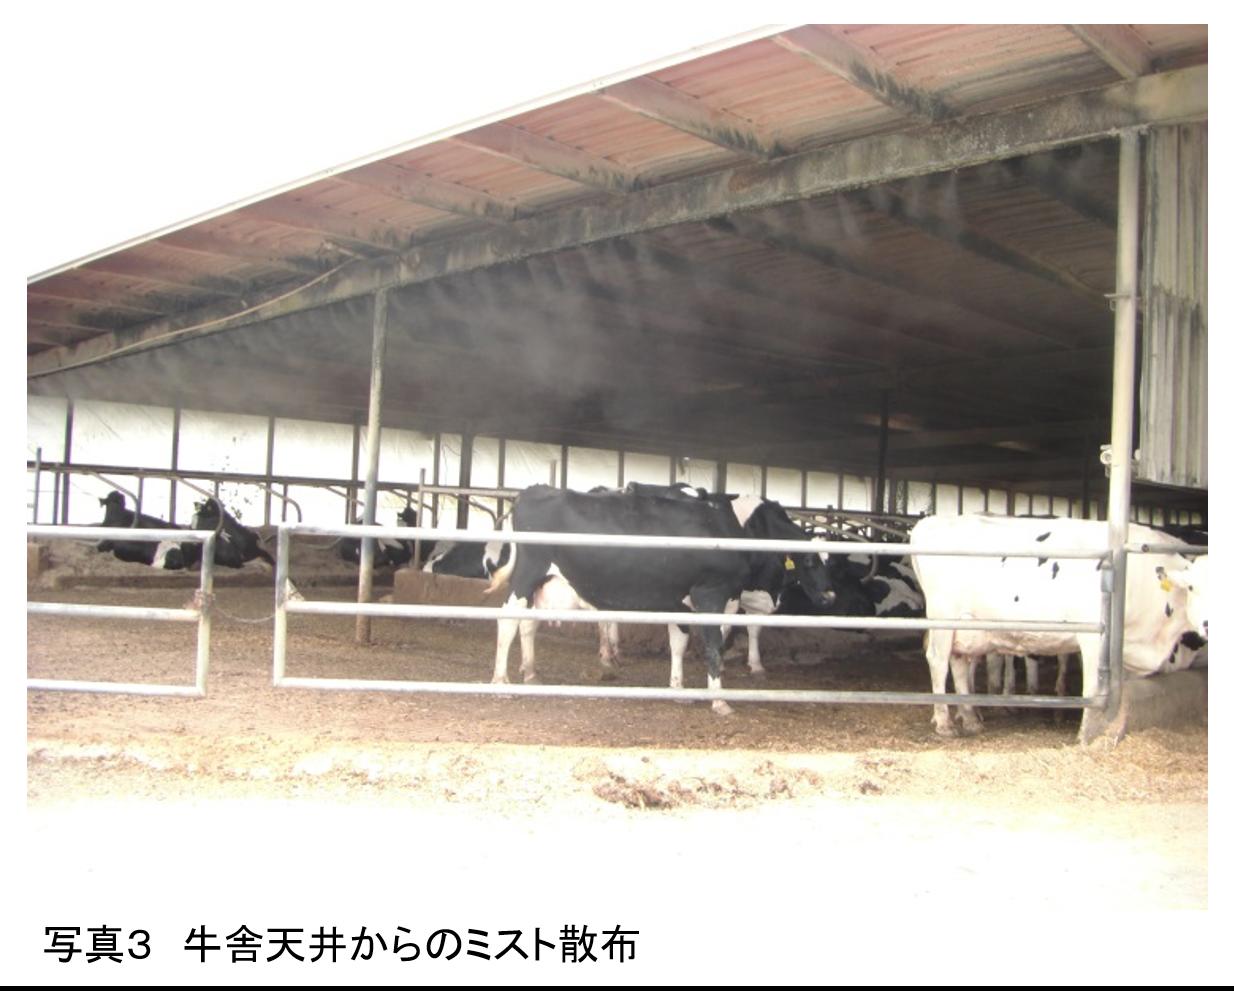 牛の繁殖管理の理論と実際 ≪第4回≫夏から初秋の受胎率低下の原因を探る